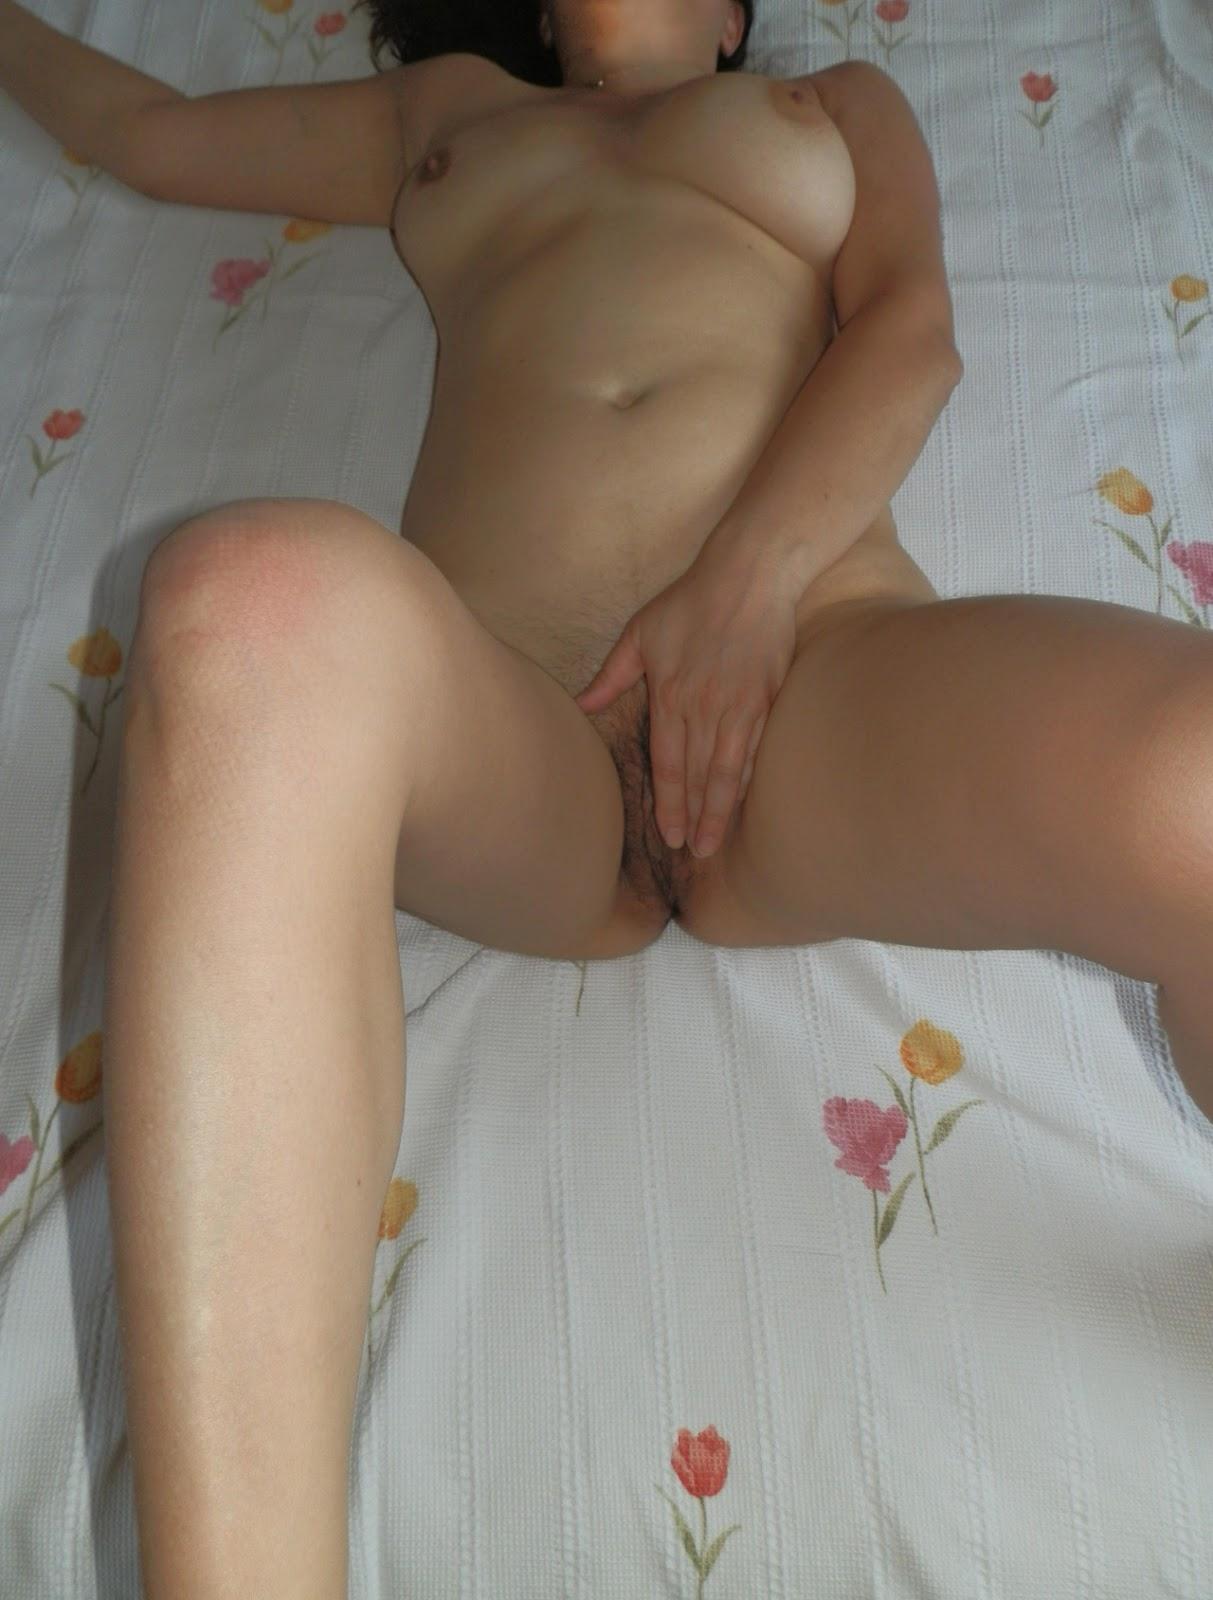 17lik kız ilk kez seks kan akıyorPorno izleAdult izle